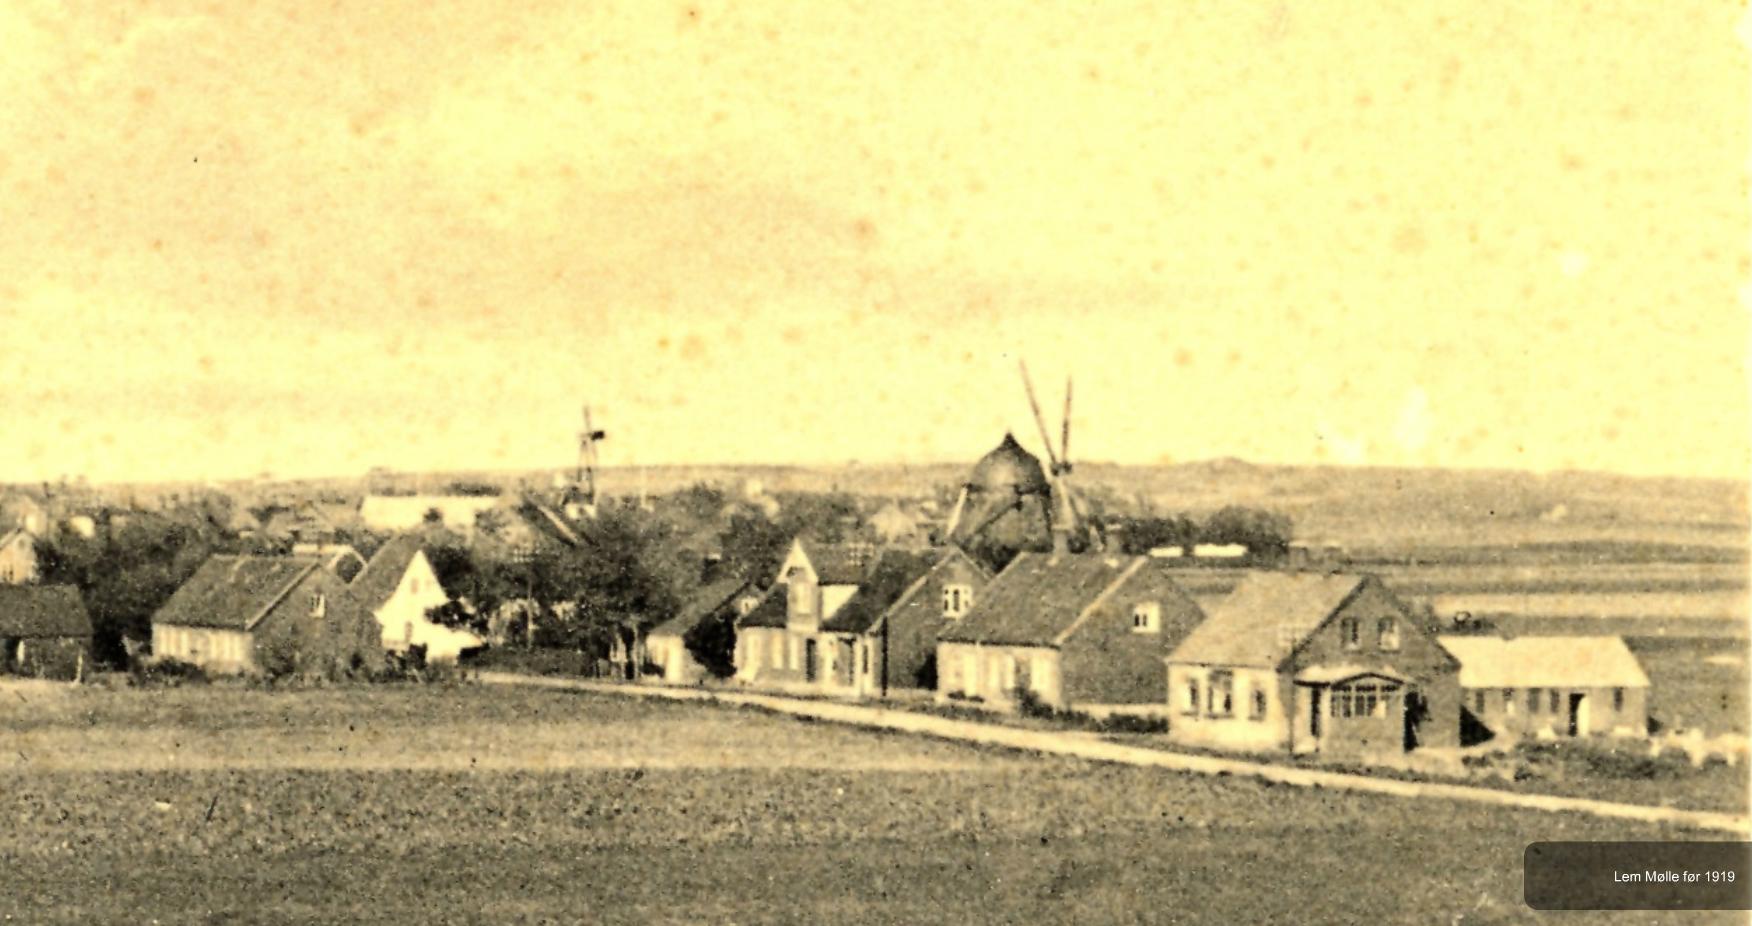 Lem Mølle før 1919